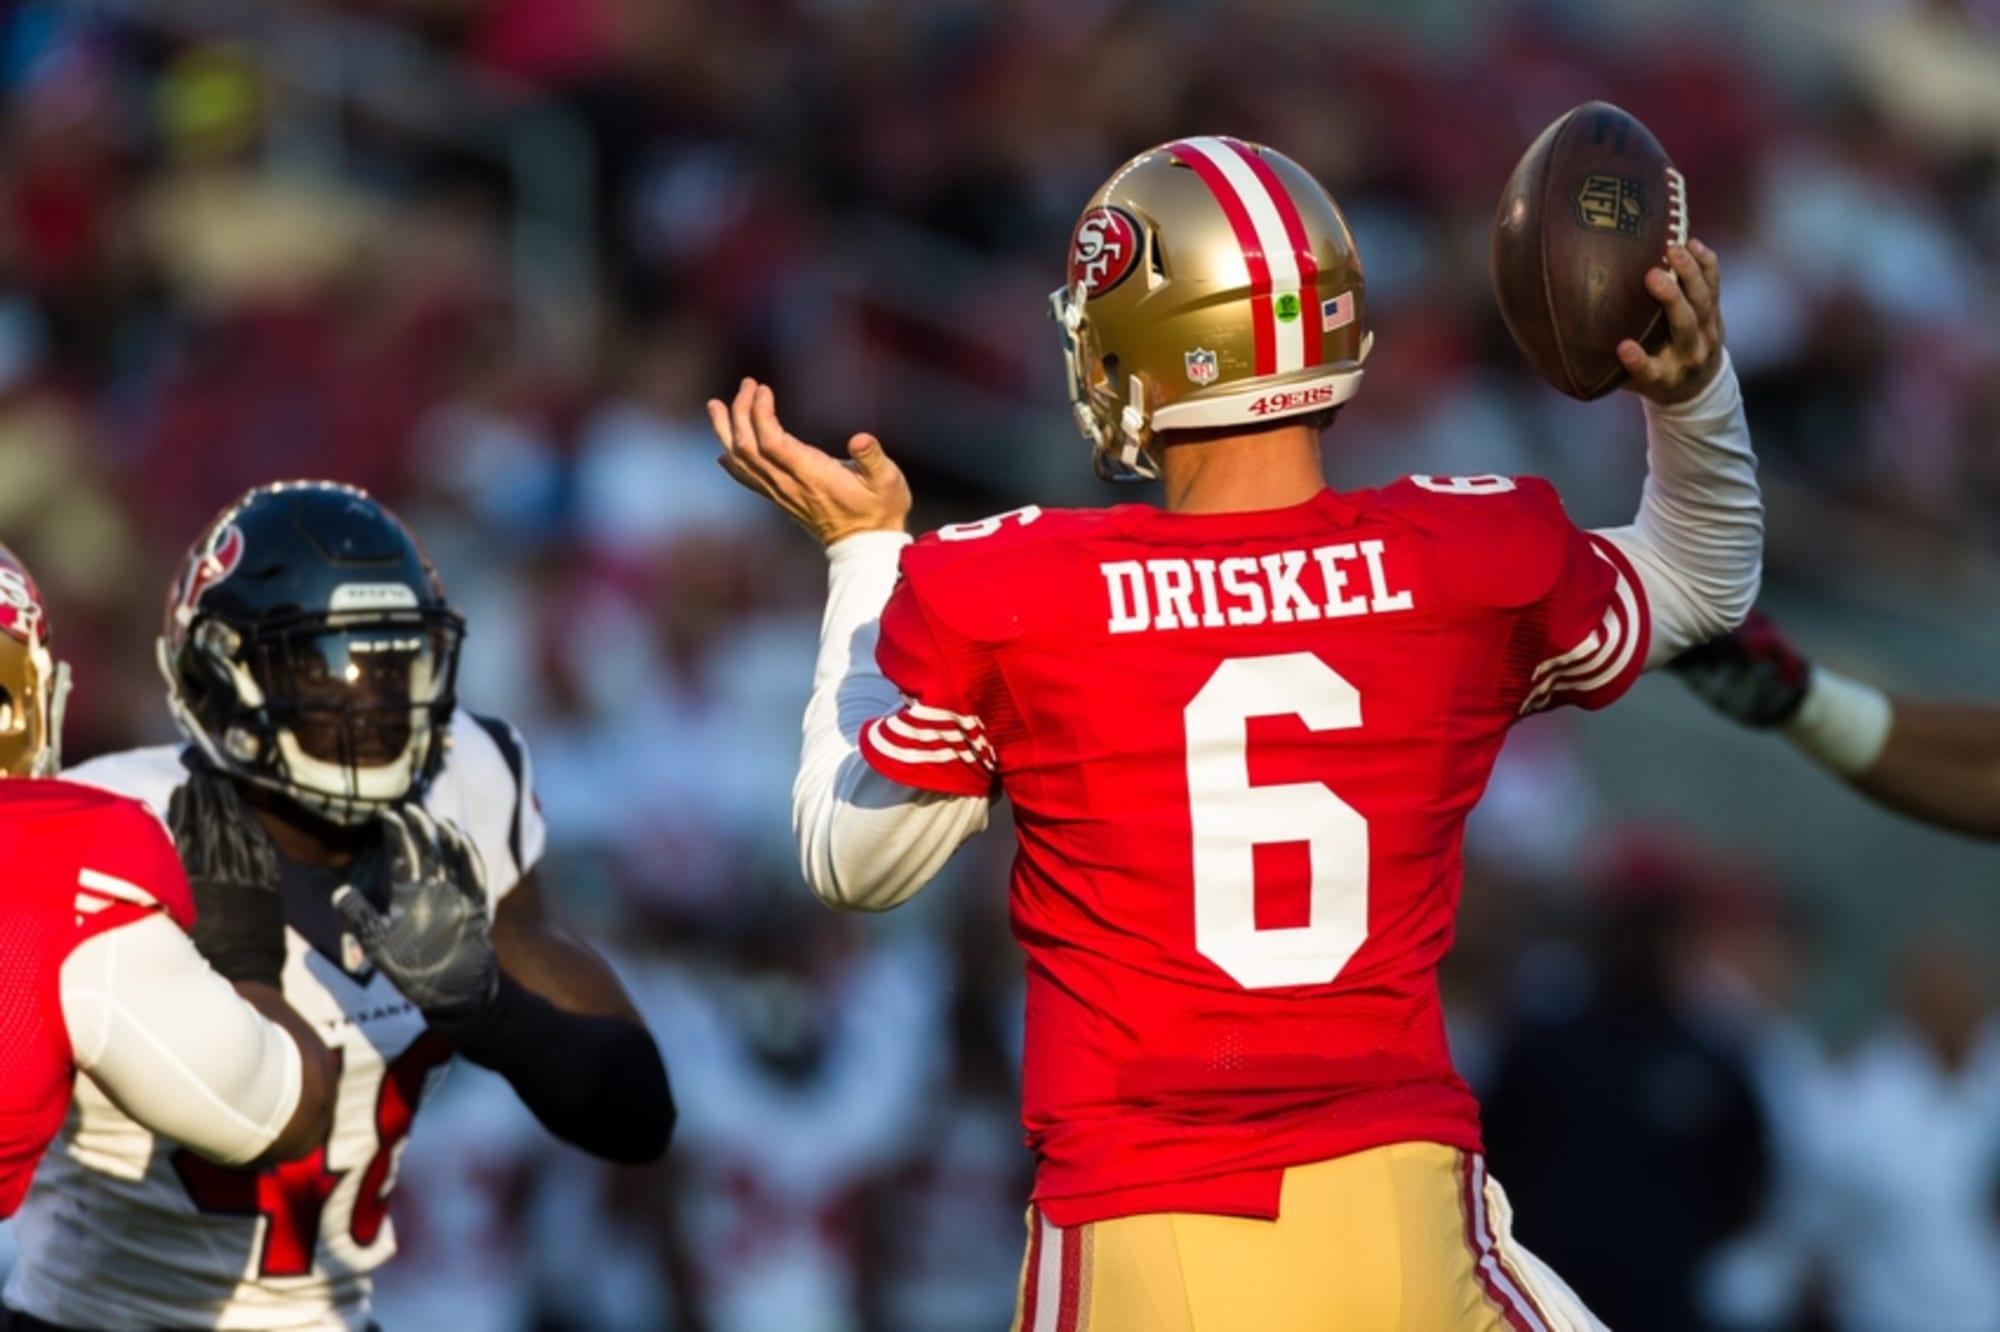 49ers vs. Broncos: Why Jeff Driskel Should Start for San Francisco